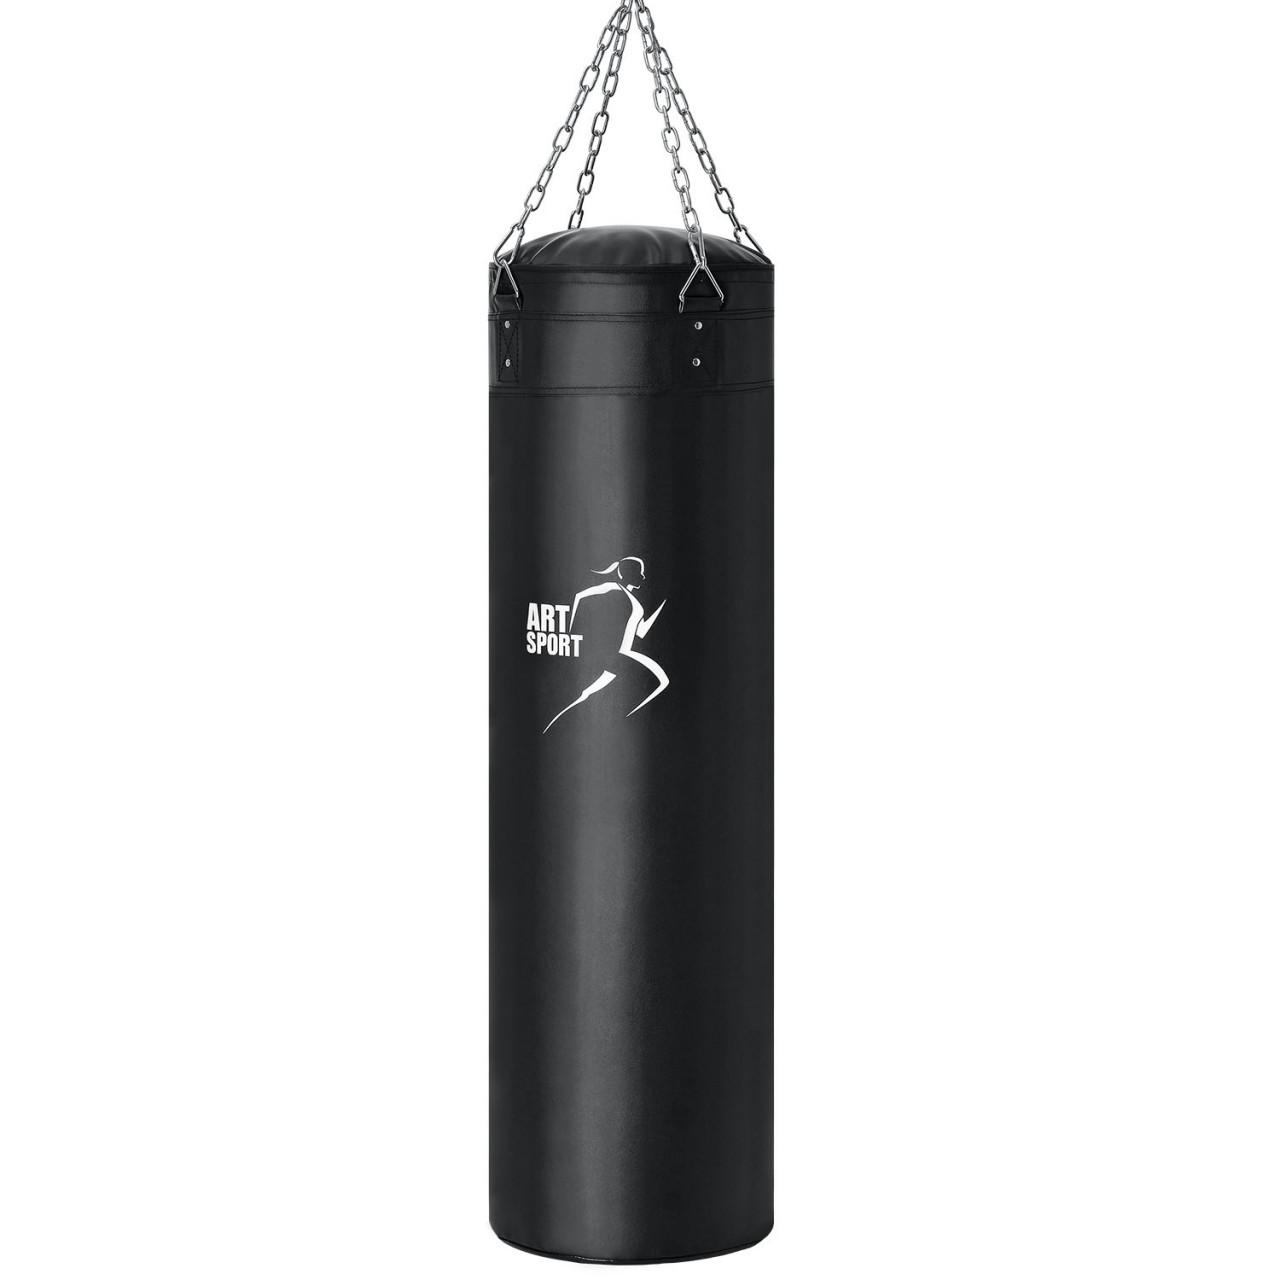 mmasport Kette f/ür Boxsack Training Muay Thai MMA komplett mit Karabinerhaken und Stahlkolben